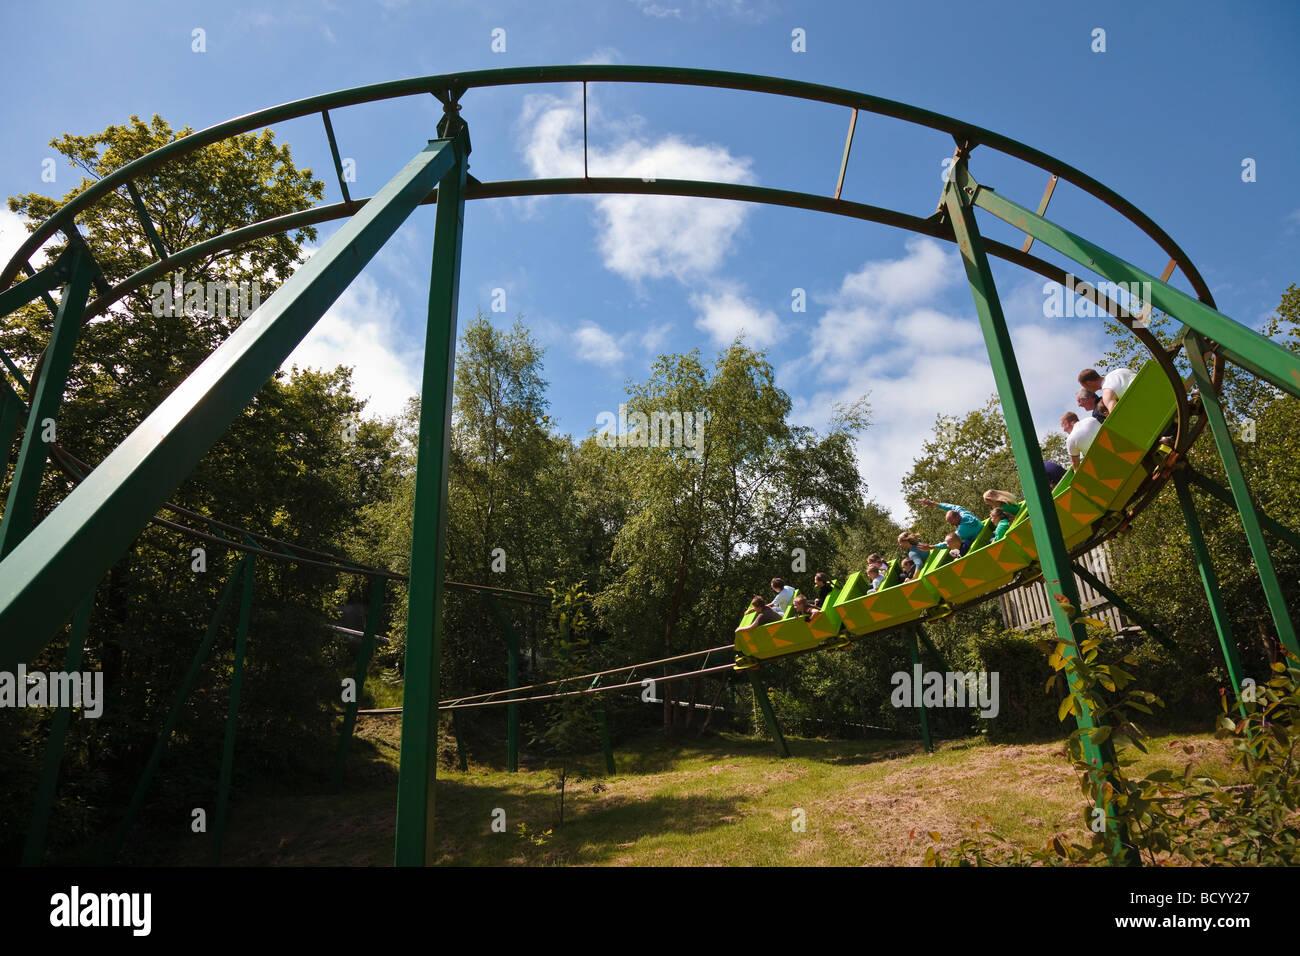 Die grünen Drachen-Achterbahn bei Greenwood Forest Park, Y Felinheli, Snowdonia, Nordwales. Stockbild